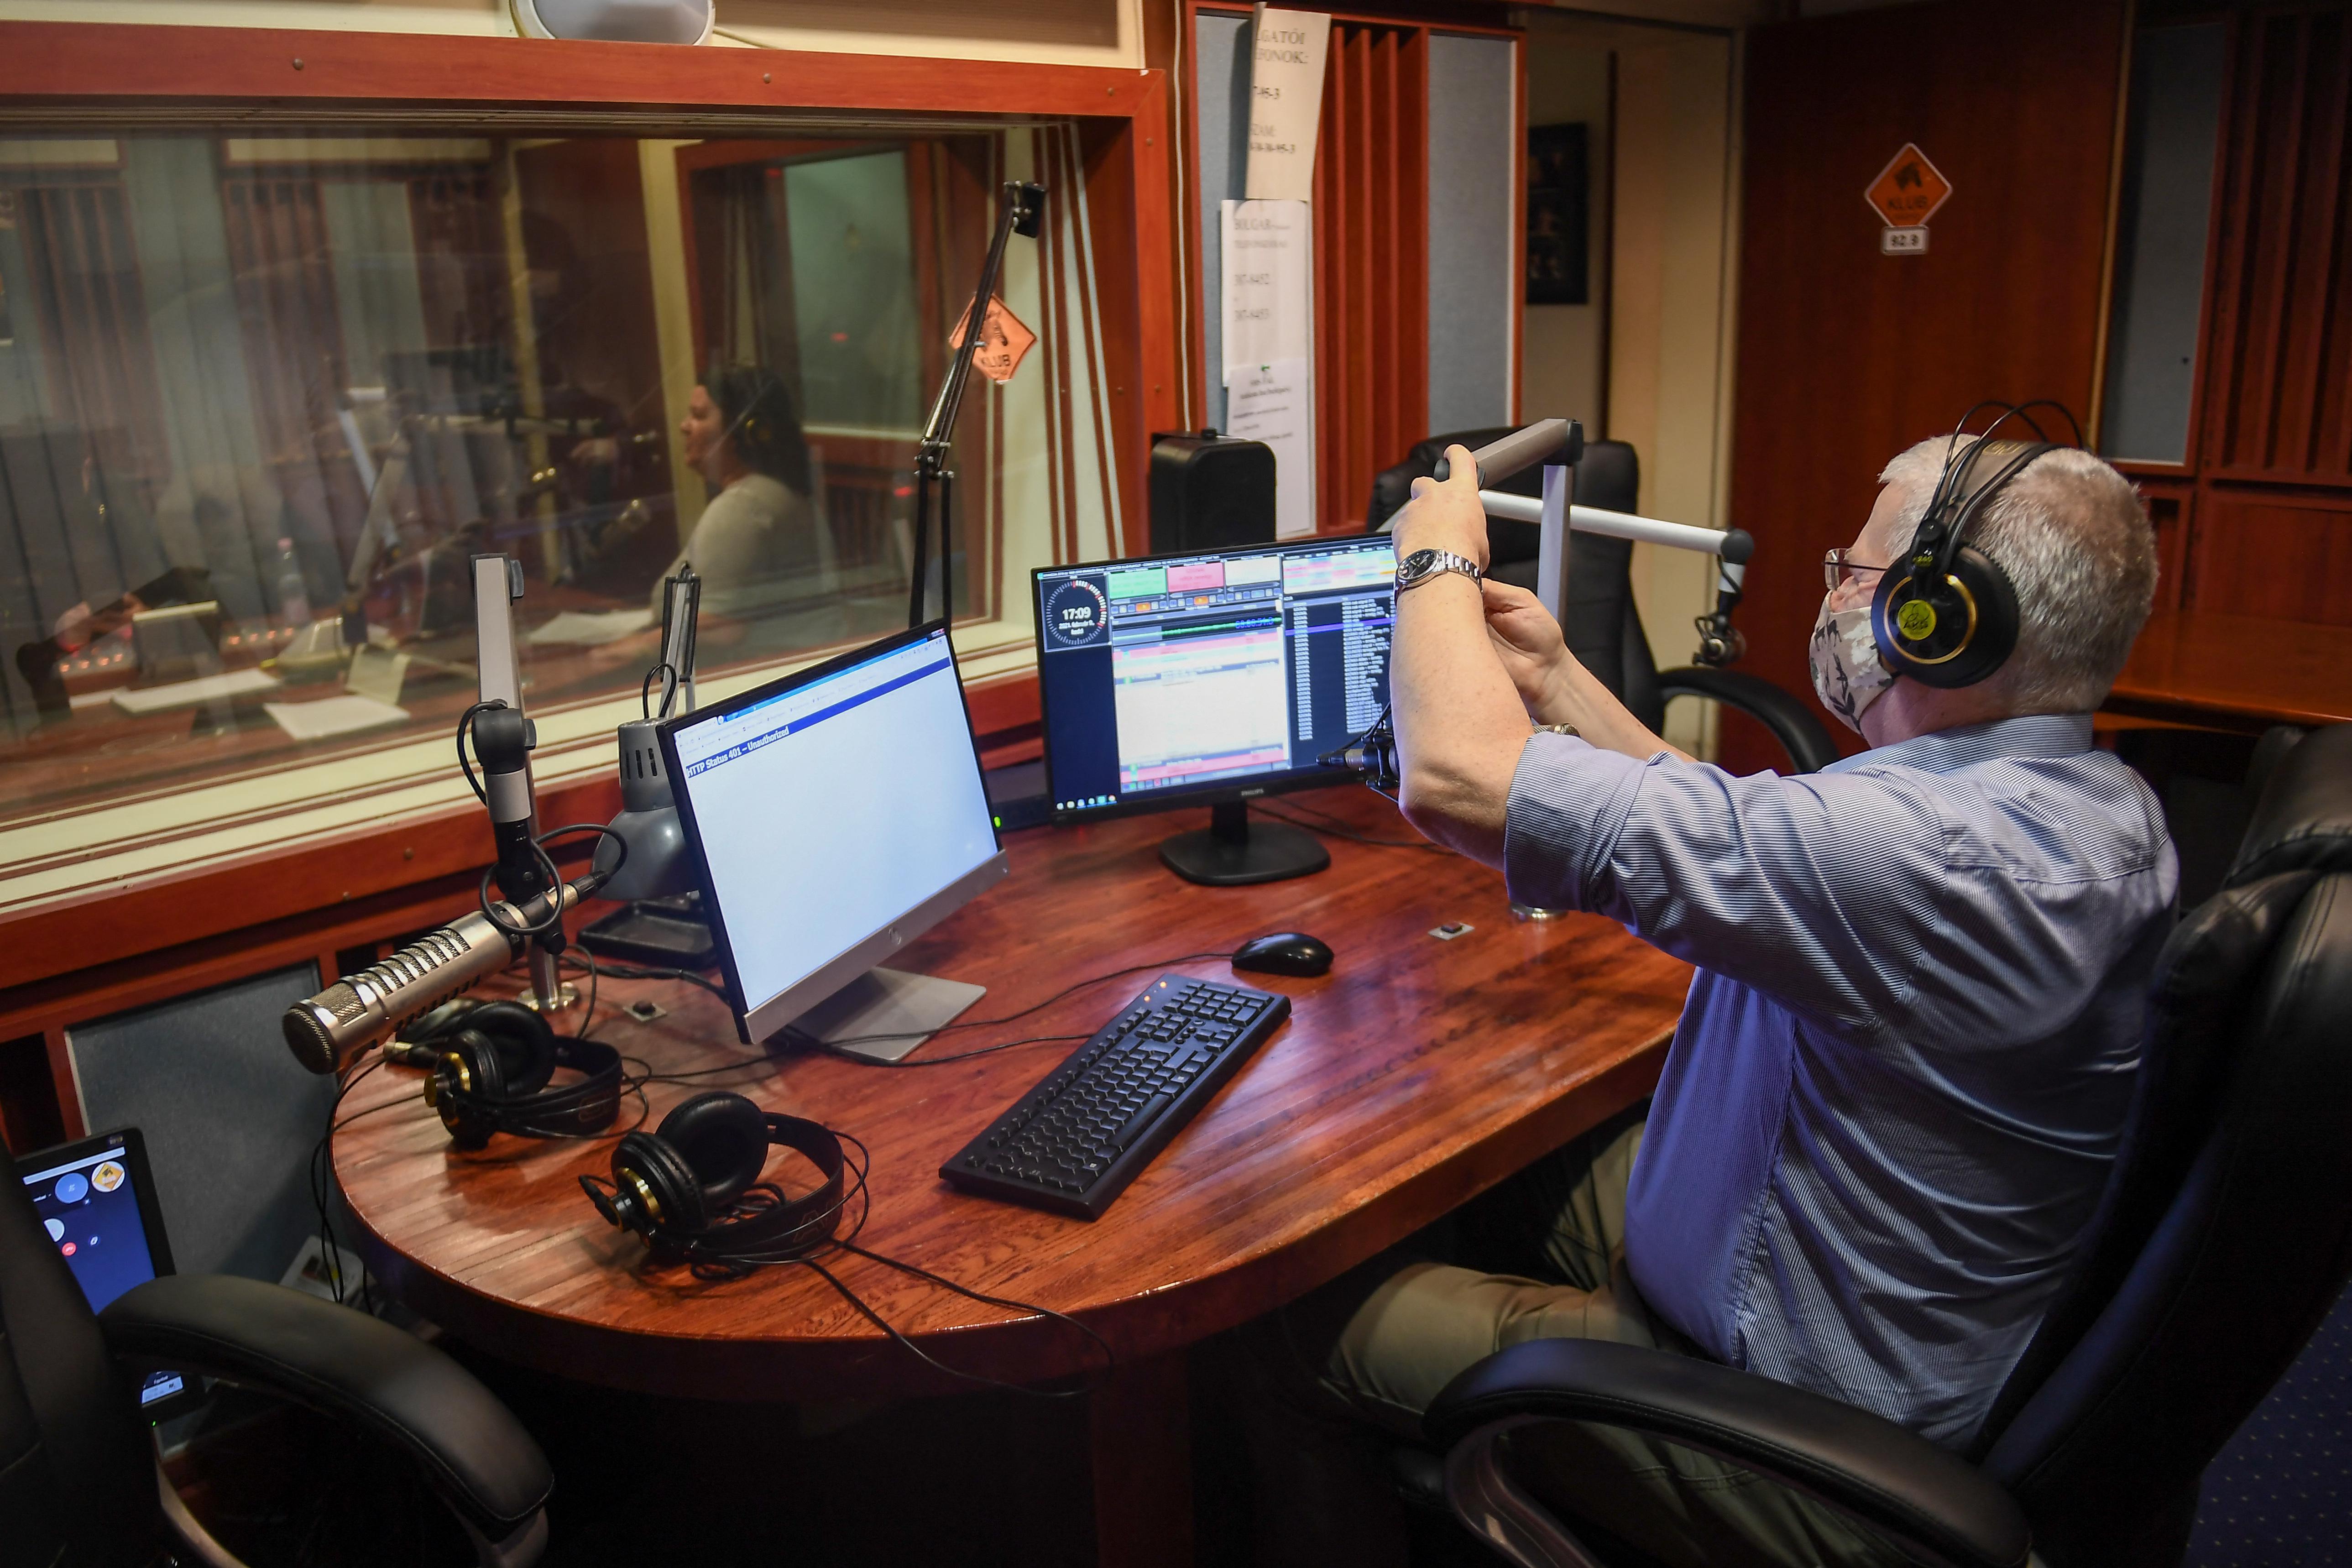 A Médiatanács elnöke a Klubrádió-ügyről: Én a jogállamban hiszek